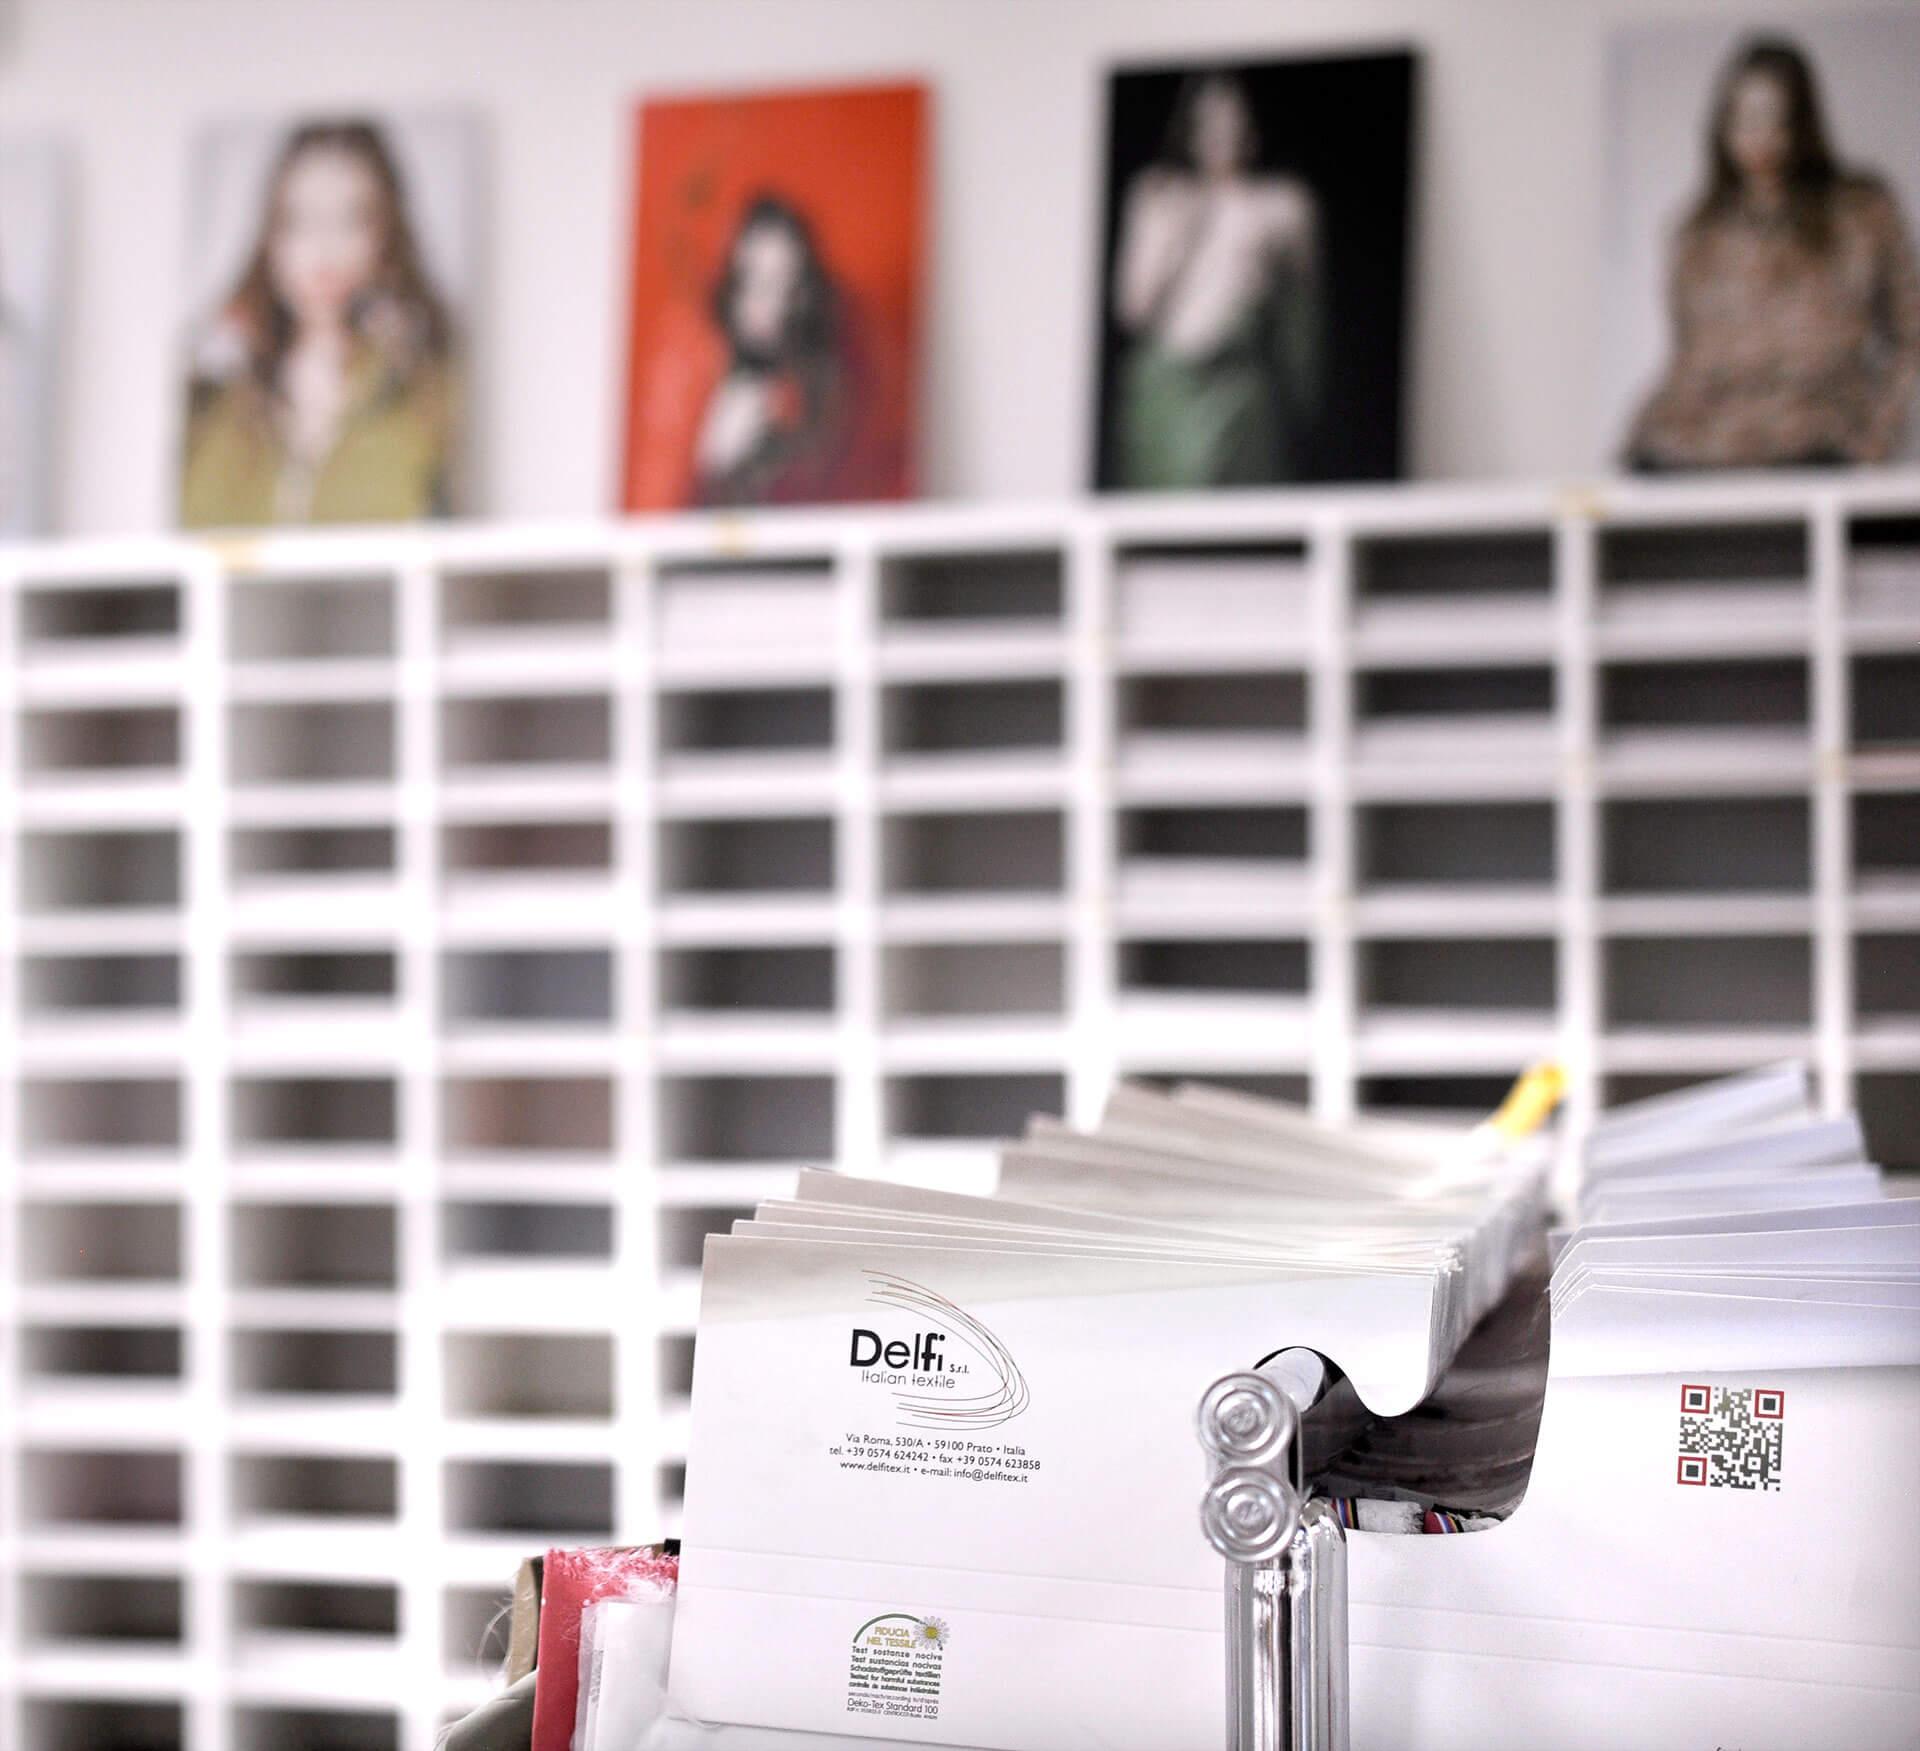 Delfitex - Converter tessile, controllo completo delle fasi produttive